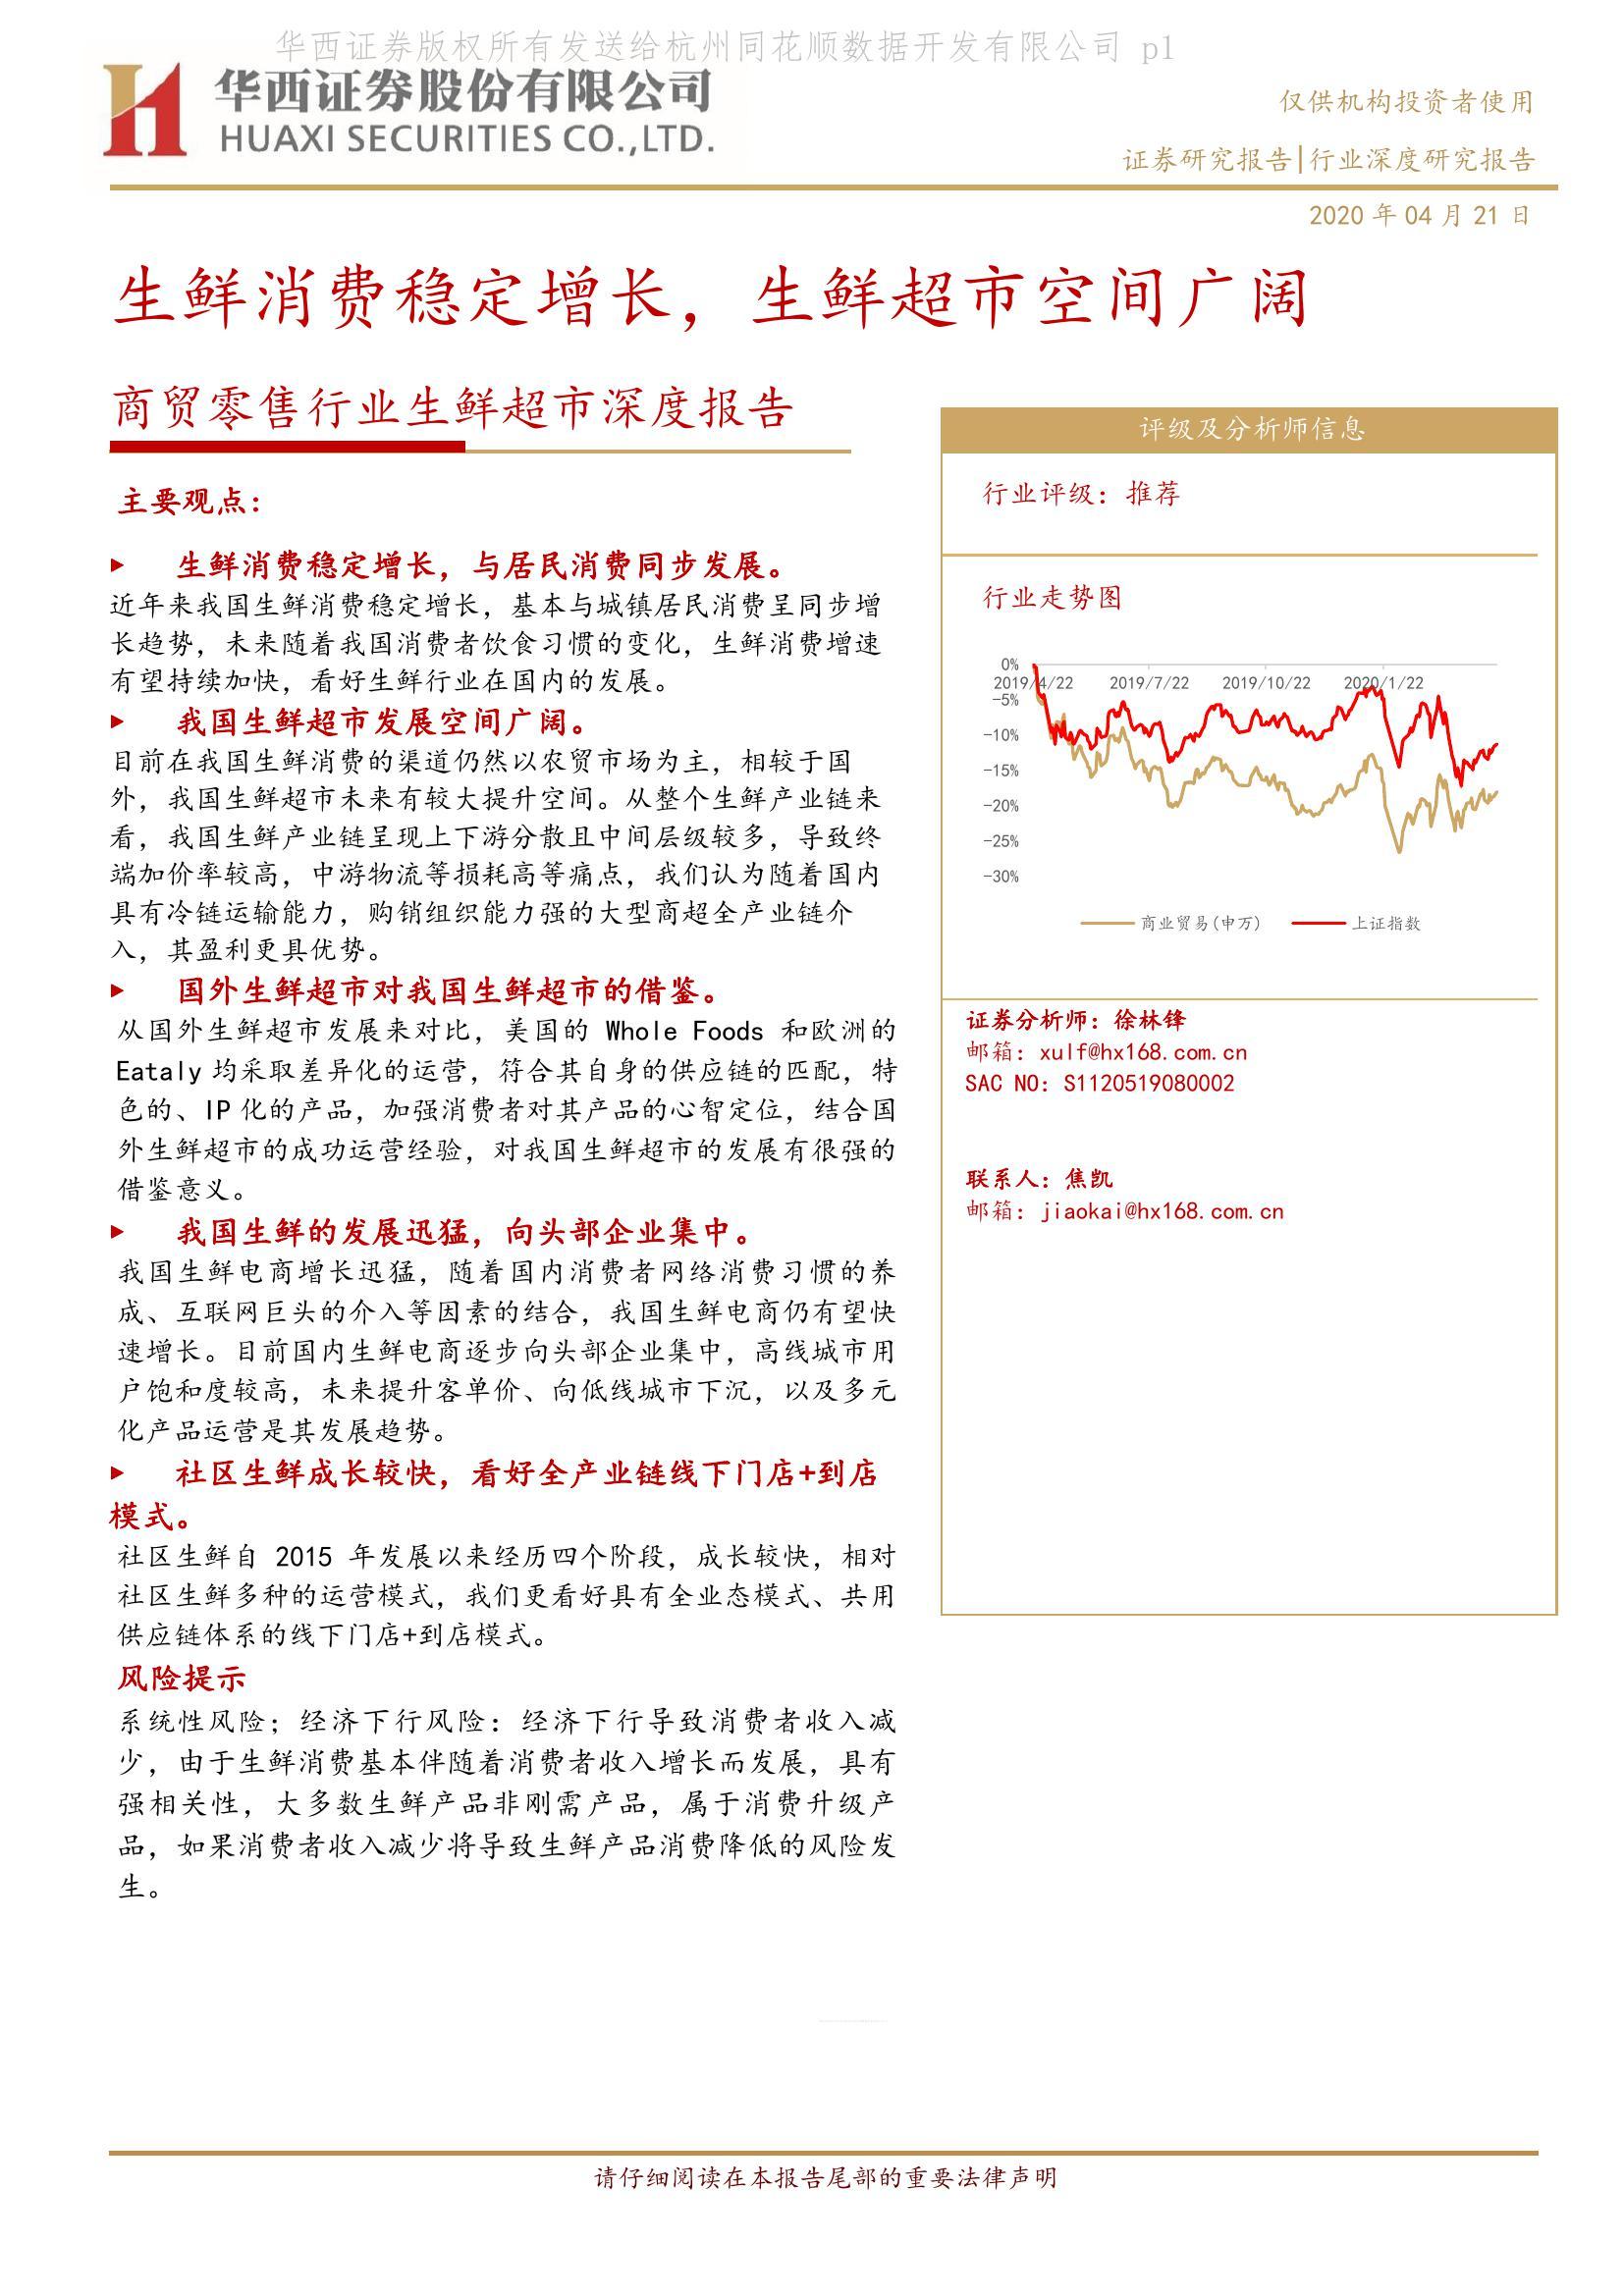 华西证券:商贸零售行业生鲜超市深度报告(附下载)